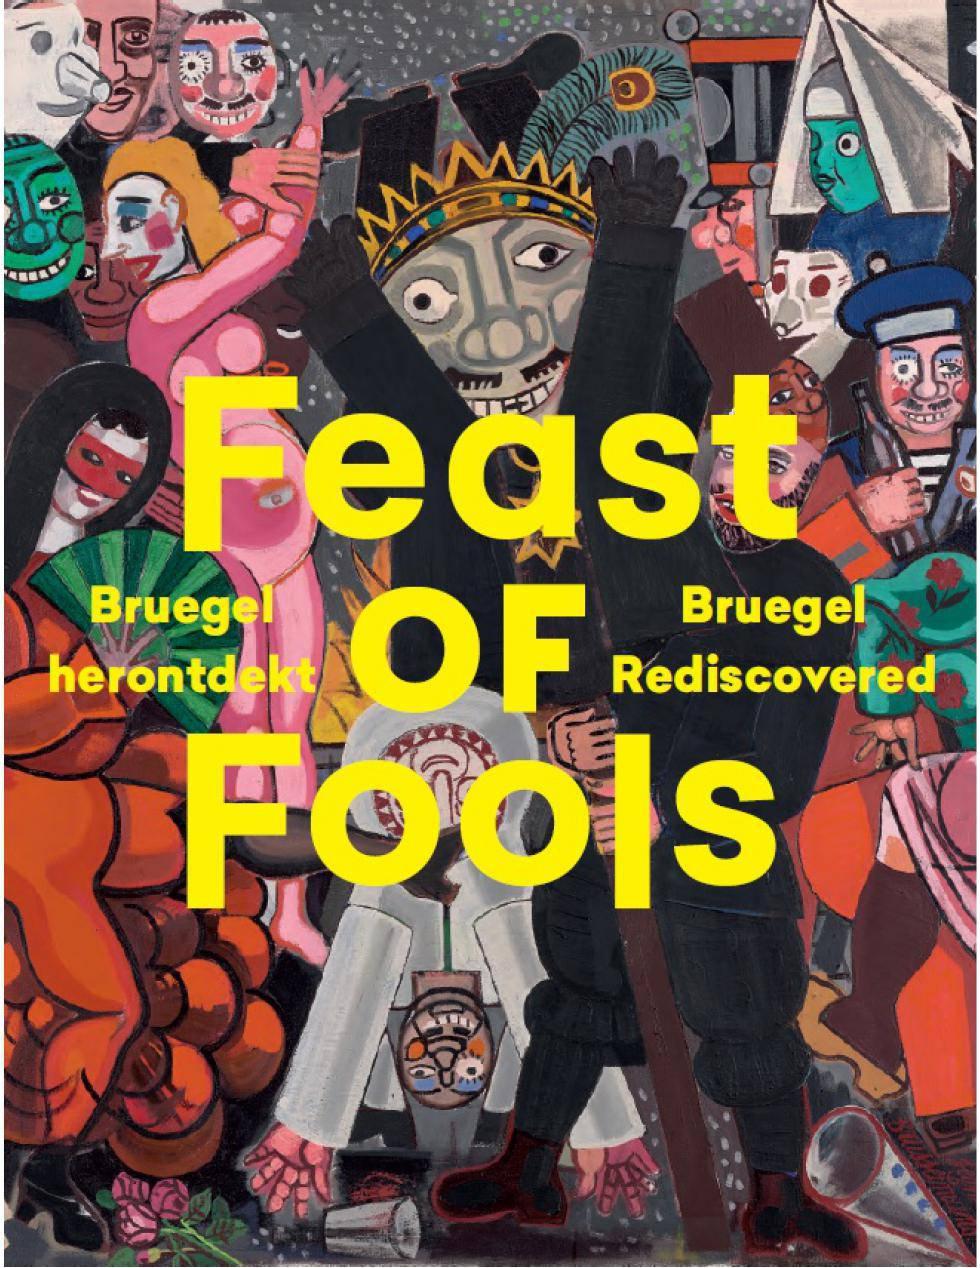 Kasteel van Gaasbeek - Feast of Fools, Bruegel herontdekt